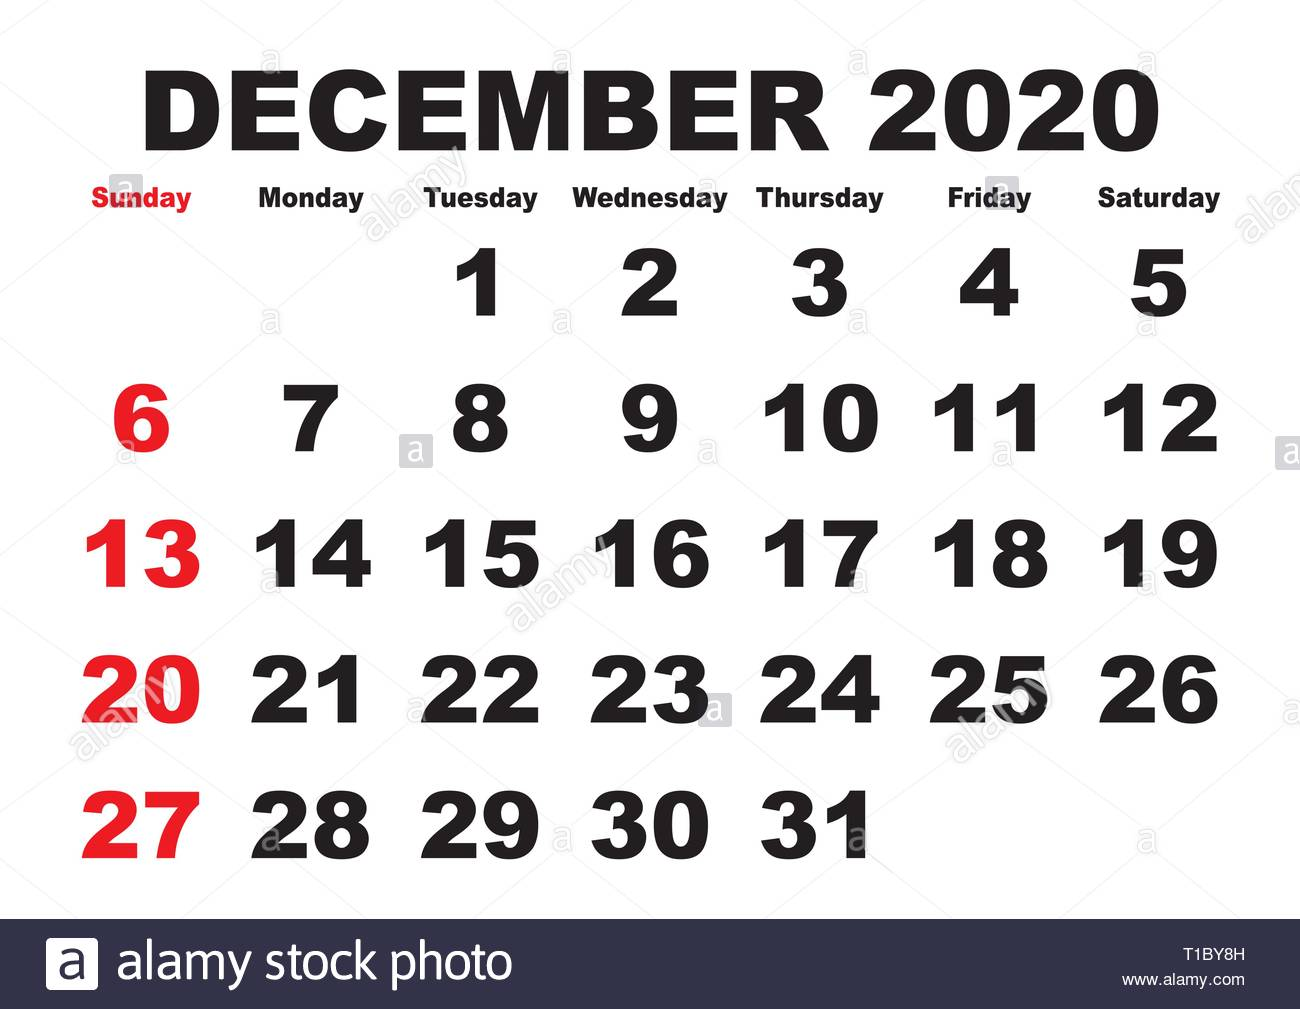 Calendrier De Decembre 2020.Calendrier 2020 Mois Decembre Vector Version Calendrier